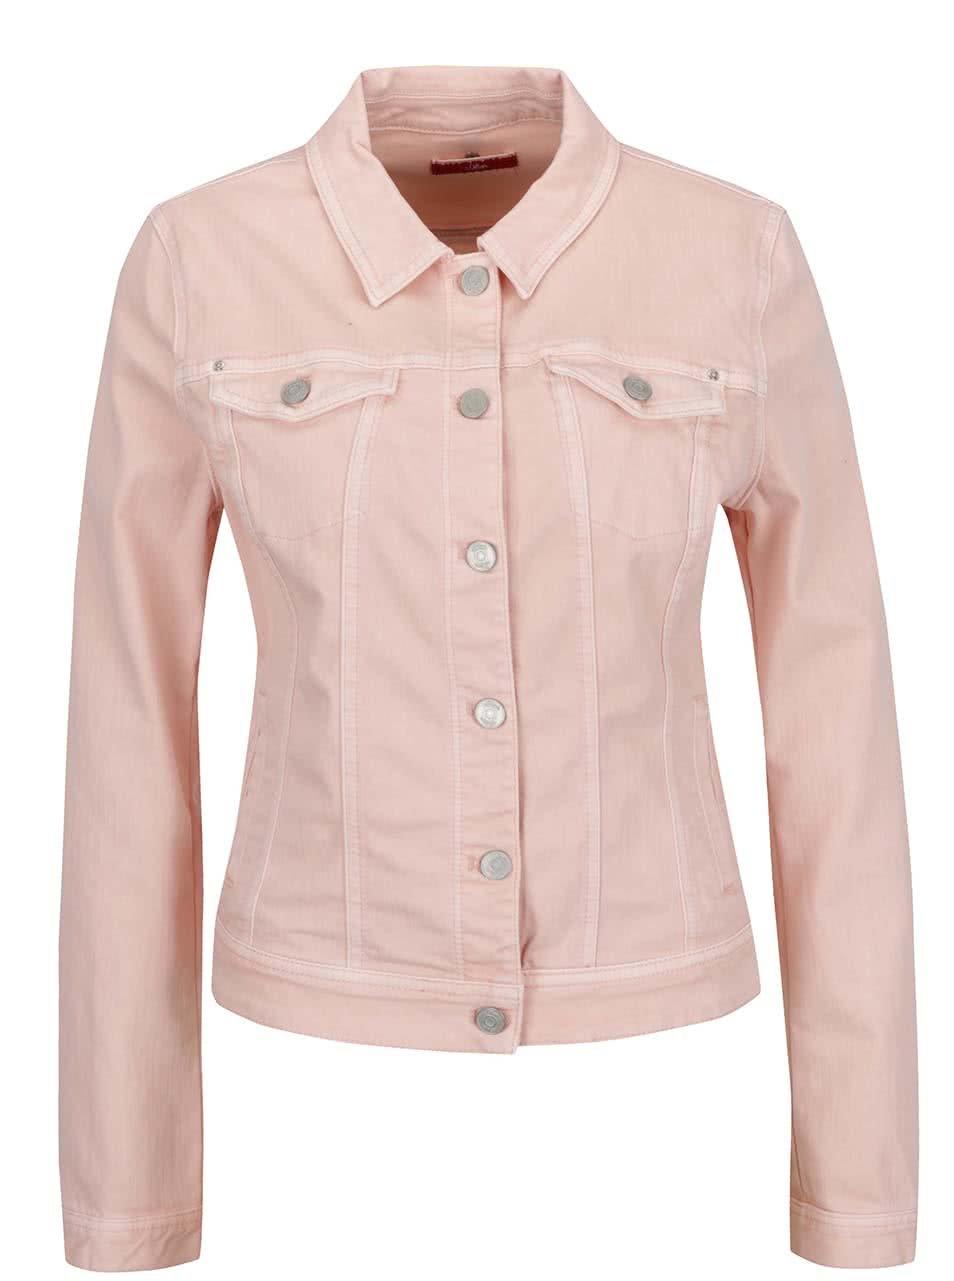 76f8f7422374 Ružová dámska rifľová bunda s.Oliver ...